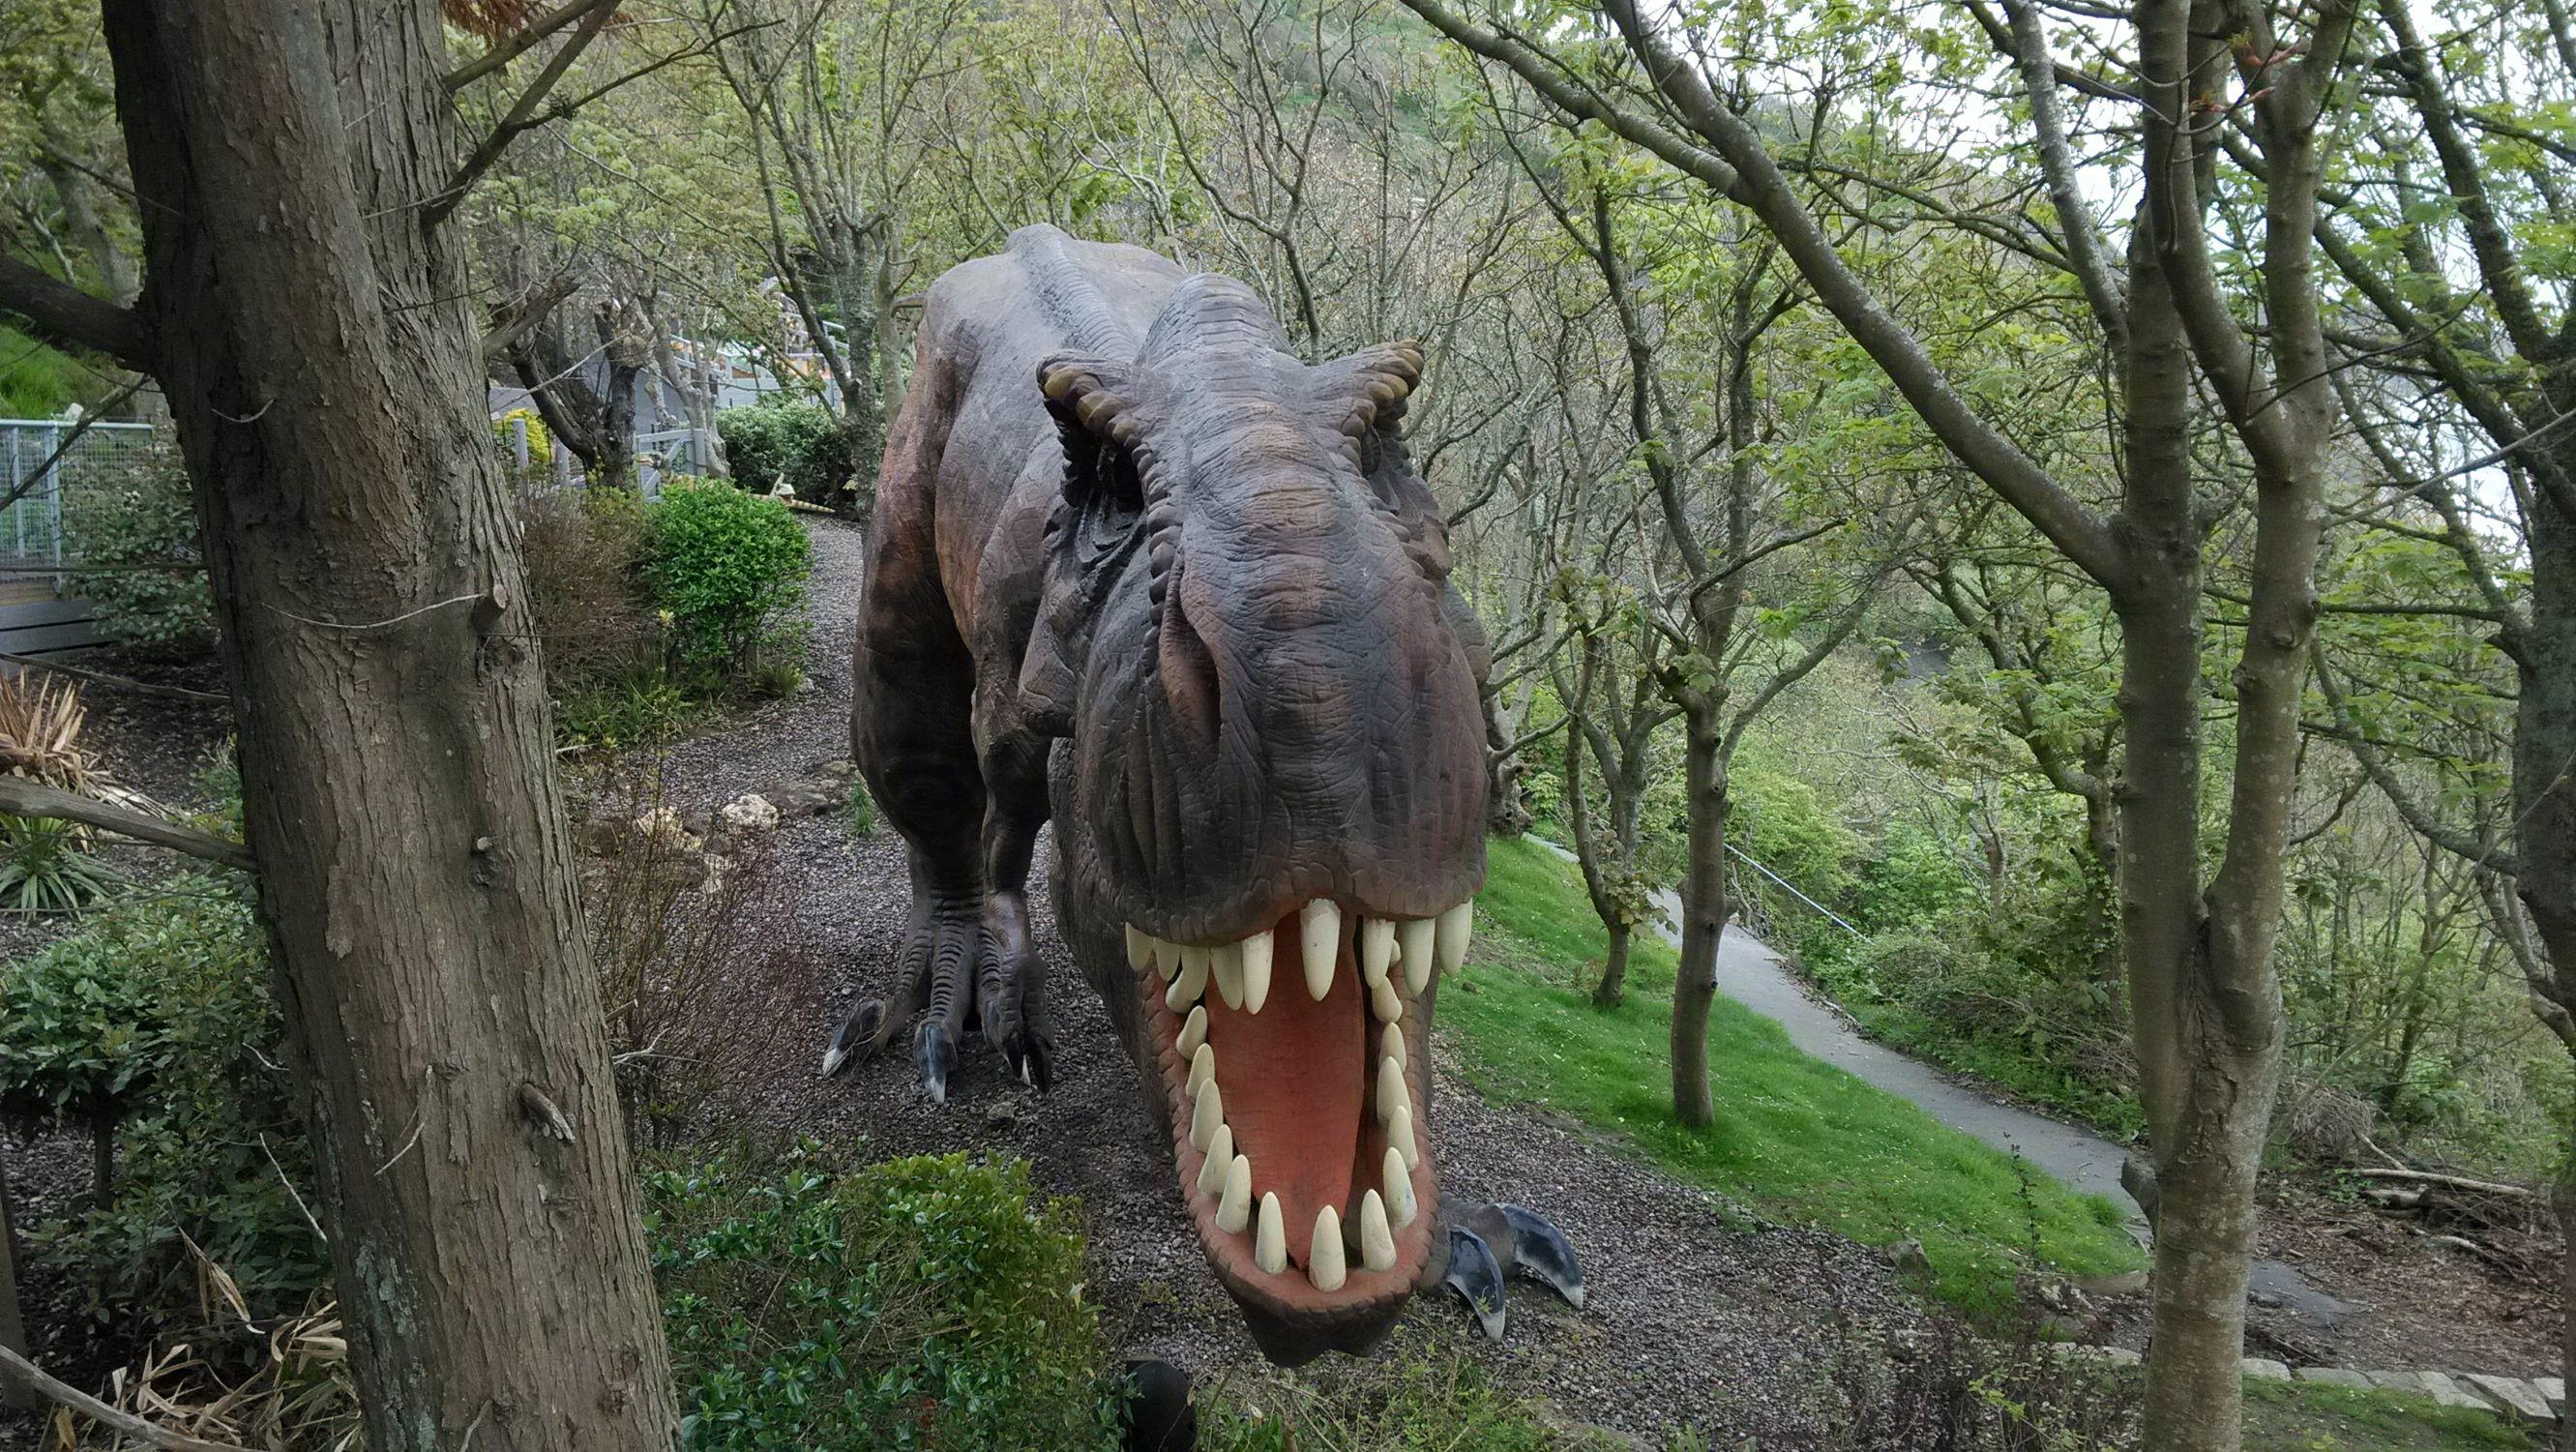 és nagyobb dinók ijesztgették az arrajárókat